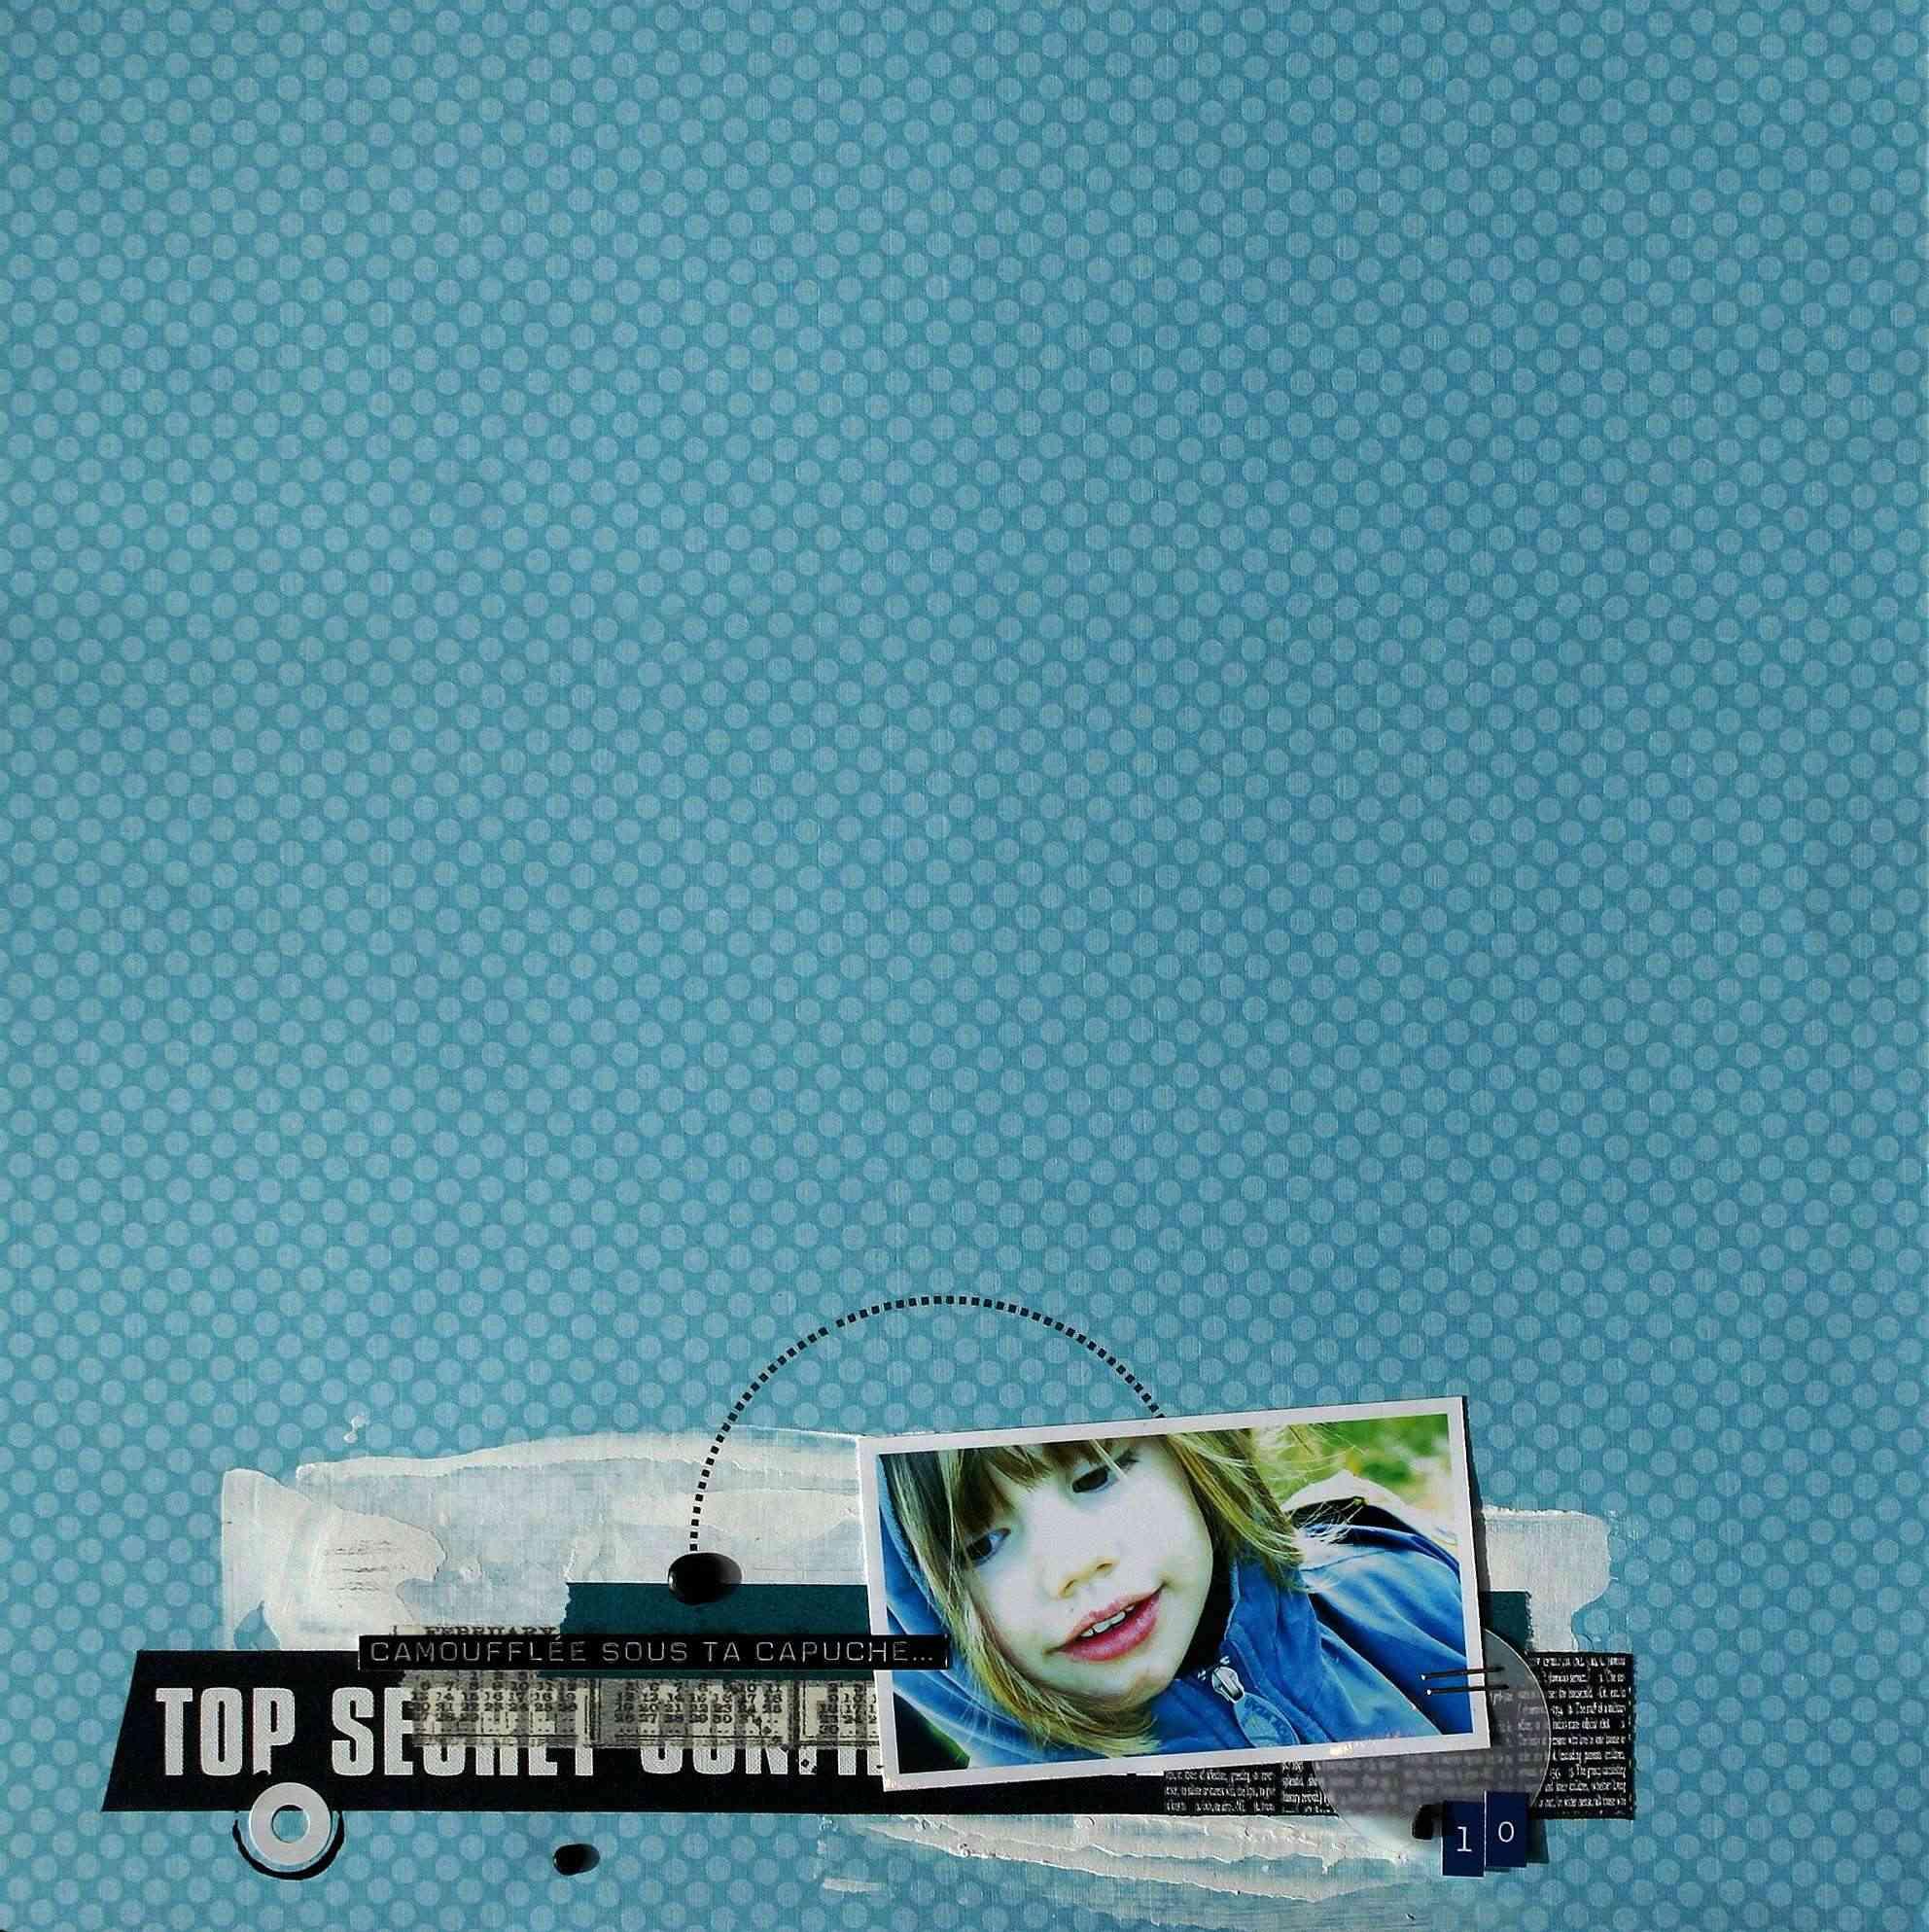 http://i67.servimg.com/u/f67/13/97/70/50/funscr11.jpg